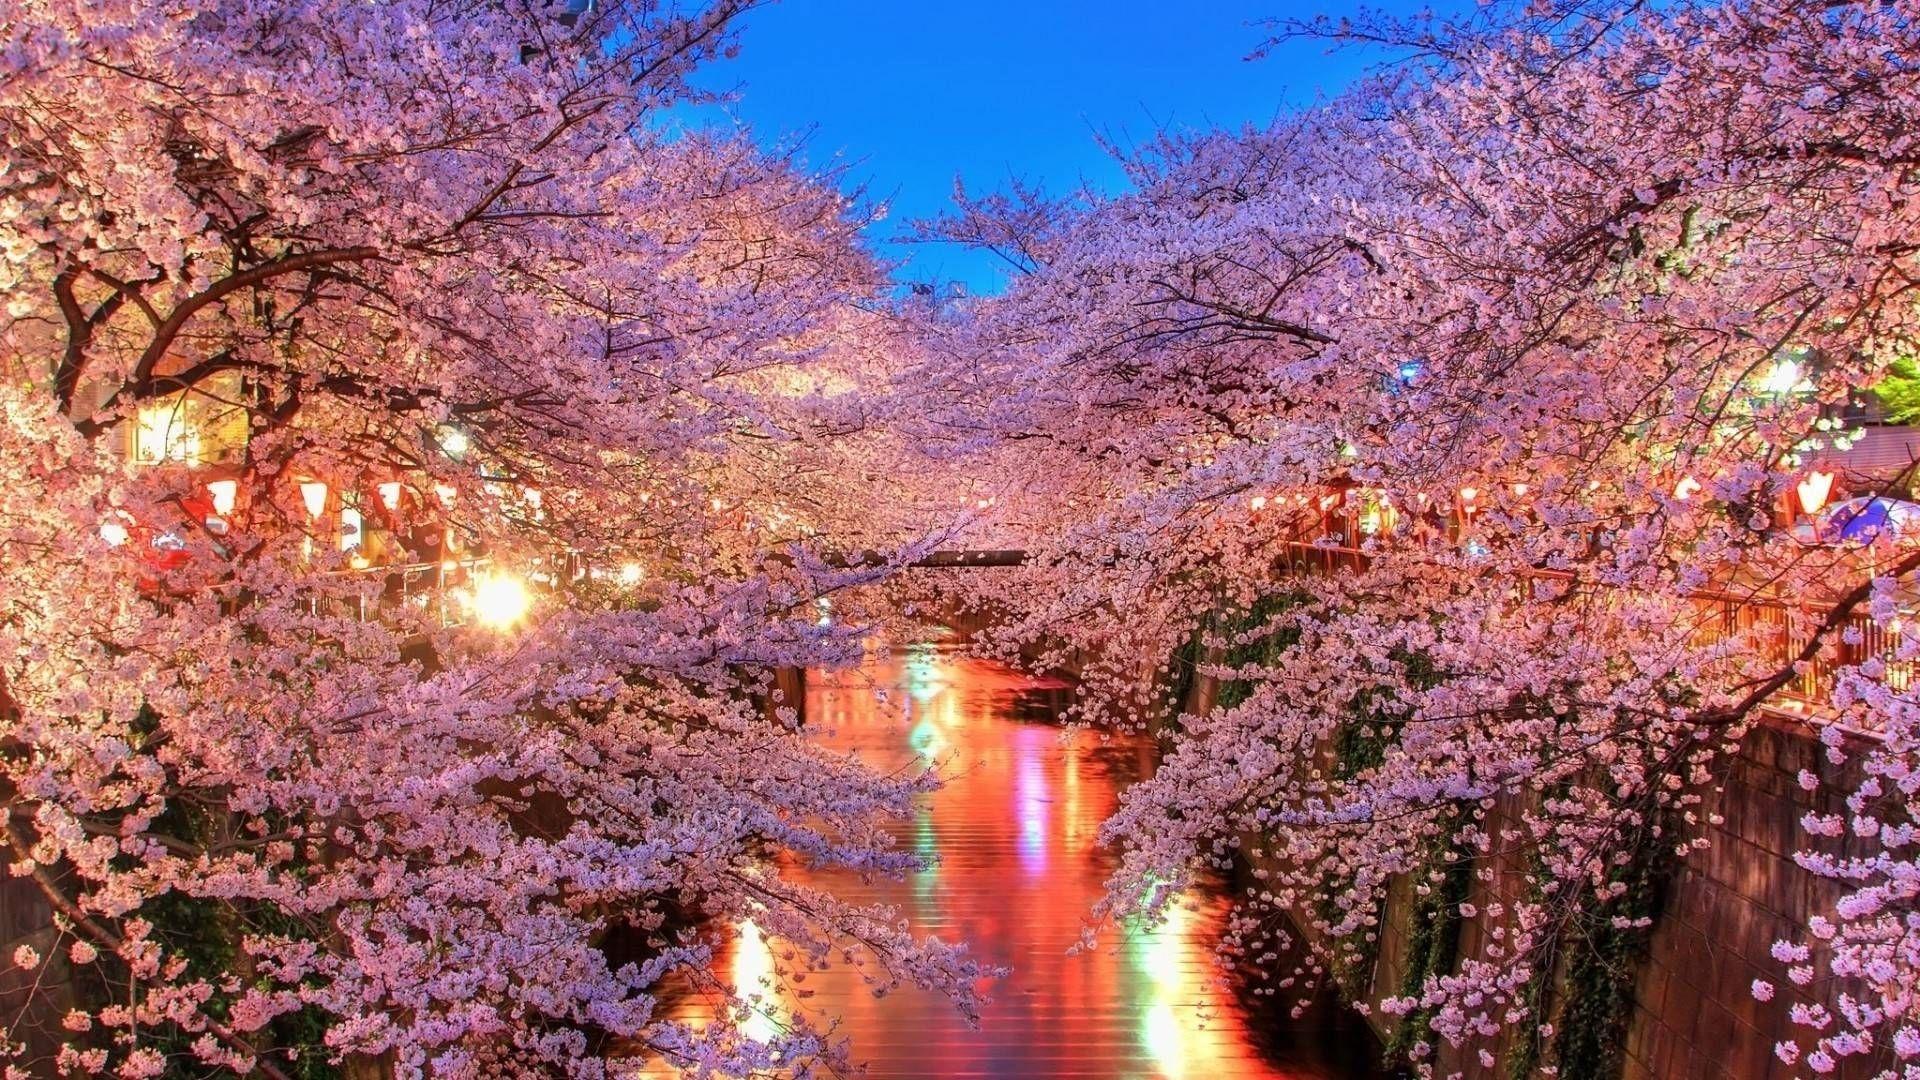 10 Latest Cherry Blossom Desktop Wallpaper Full Hd 1080p For Pc Desktop Cherry Blossom Wallpaper Cherry Blossom Background Cherry Blossom Japan